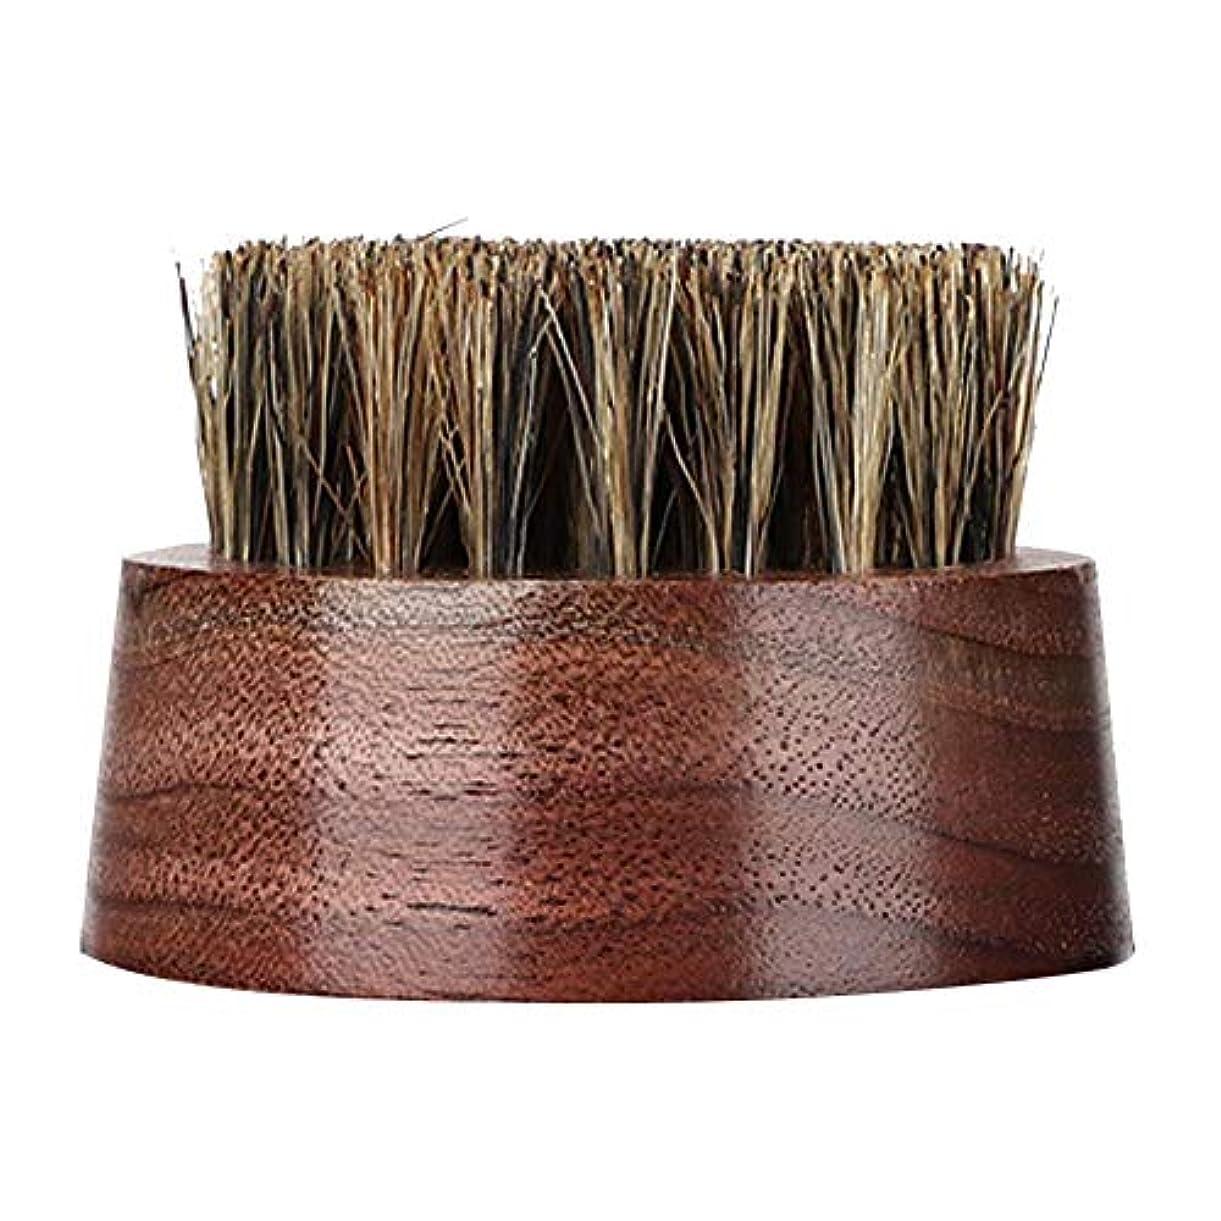 ワーム飾るフェローシップひげブラシ-プロの木製男性ラウンドくし